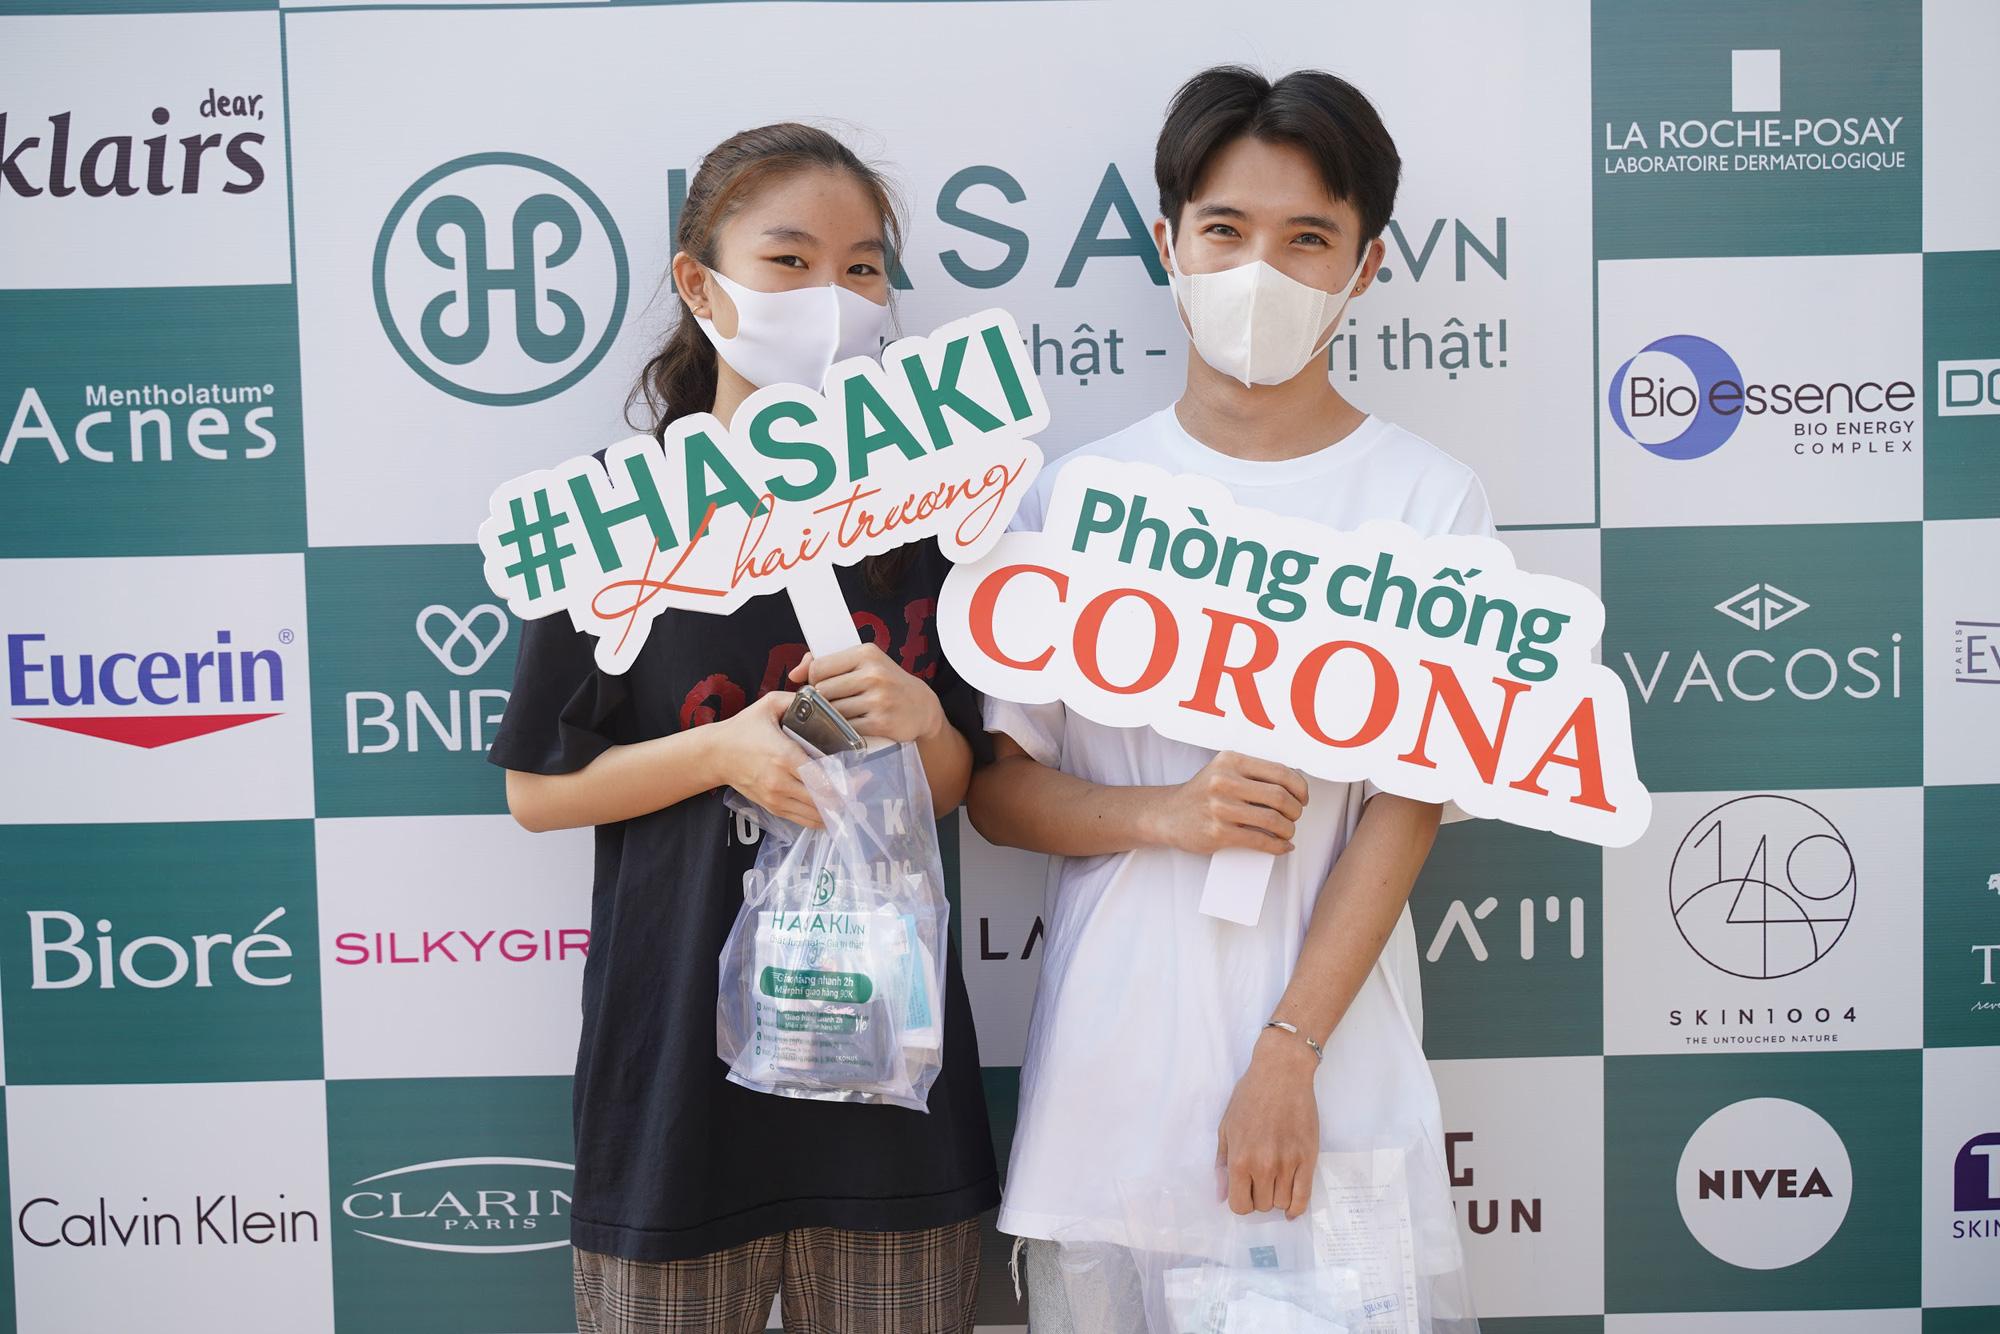 Lần đầu tiên khai trương 3 ngày, Hasaki tặng 3.000 khẩu trang, tung khuyến mãi khủng, chỉ 4.000đ đã mua được đồ chất - Ảnh 2.